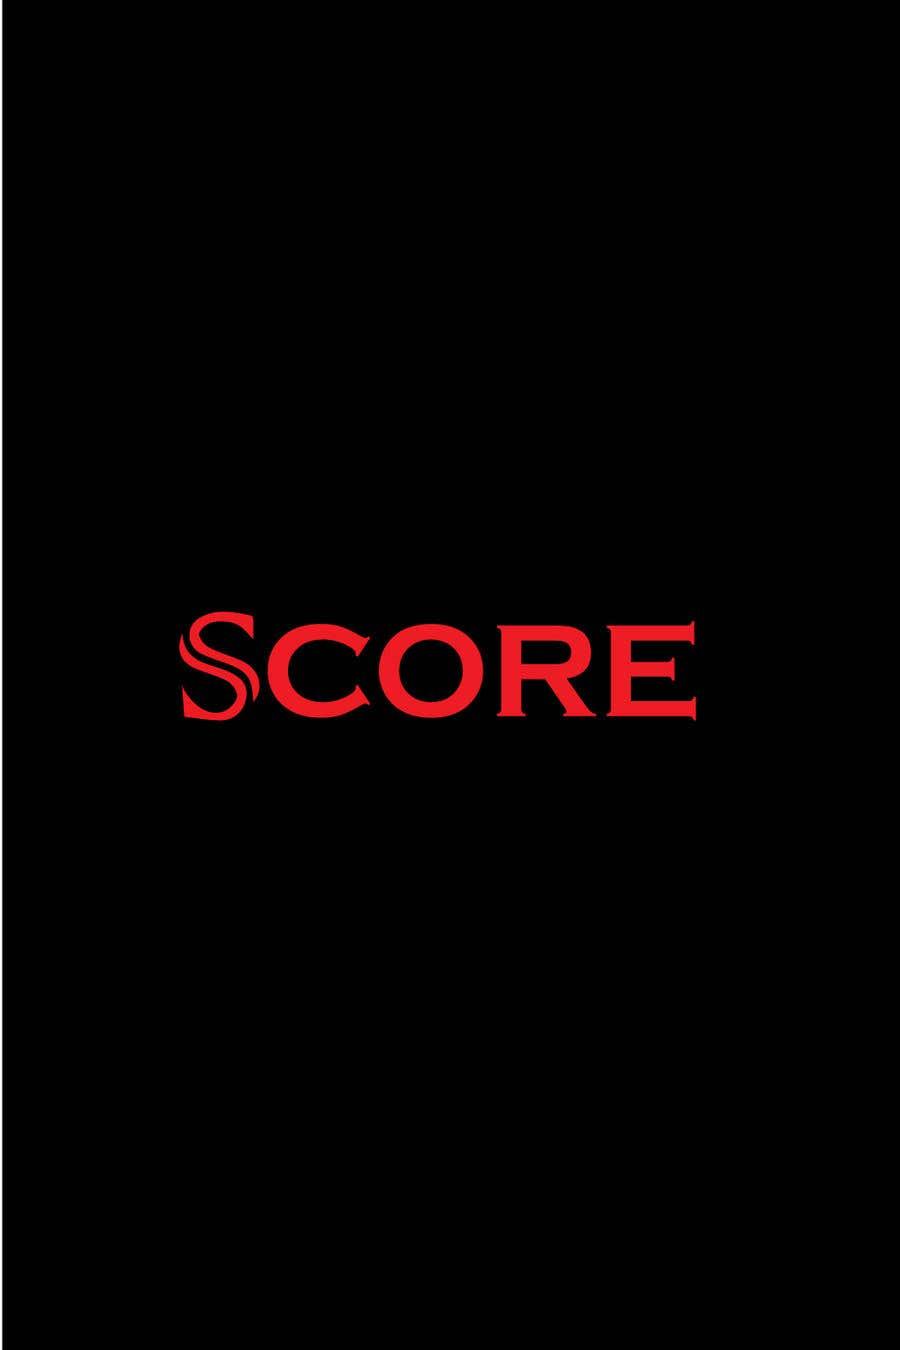 Penyertaan Peraduan #                                        78                                      untuk                                         logo design - 25/01/2021 10:04 EST